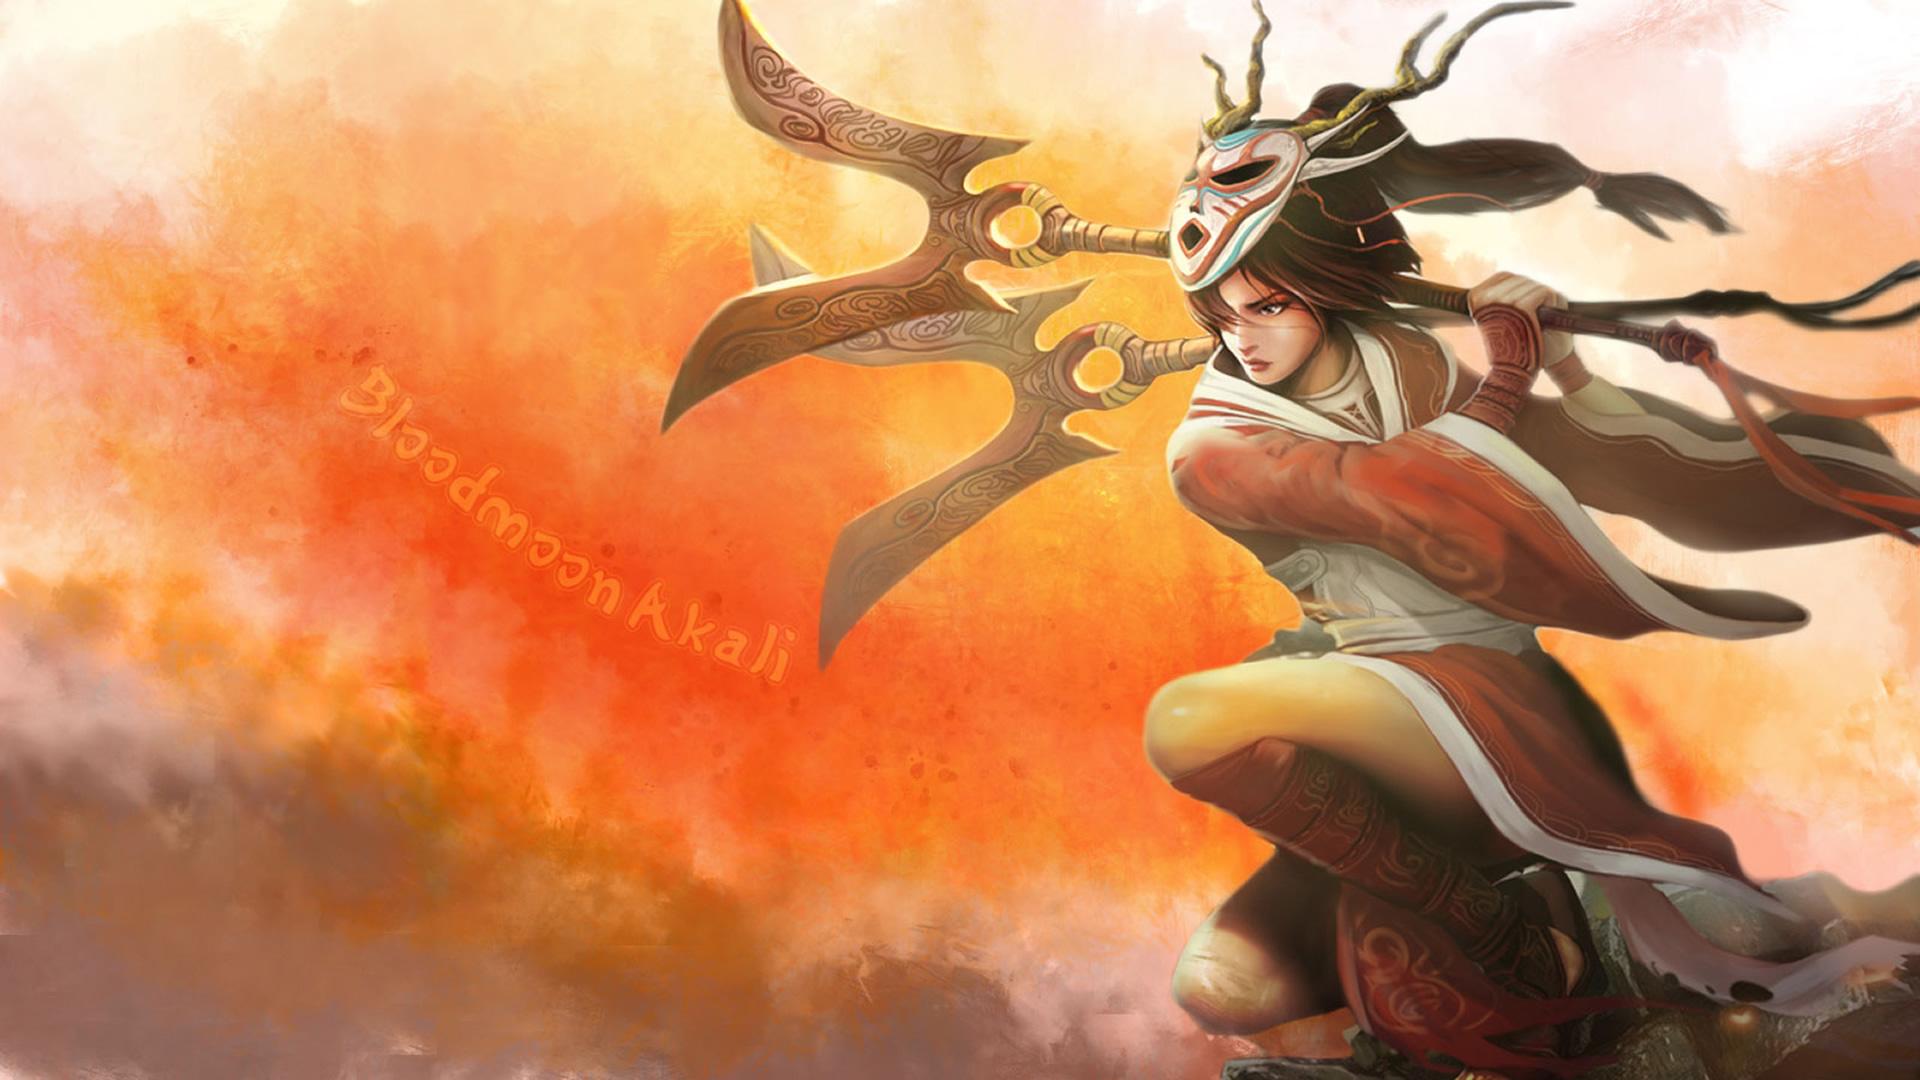 League Of Legends Bloodmoon Akali Fanart - League Of Legends Akali Fan Art , HD Wallpaper & Backgrounds